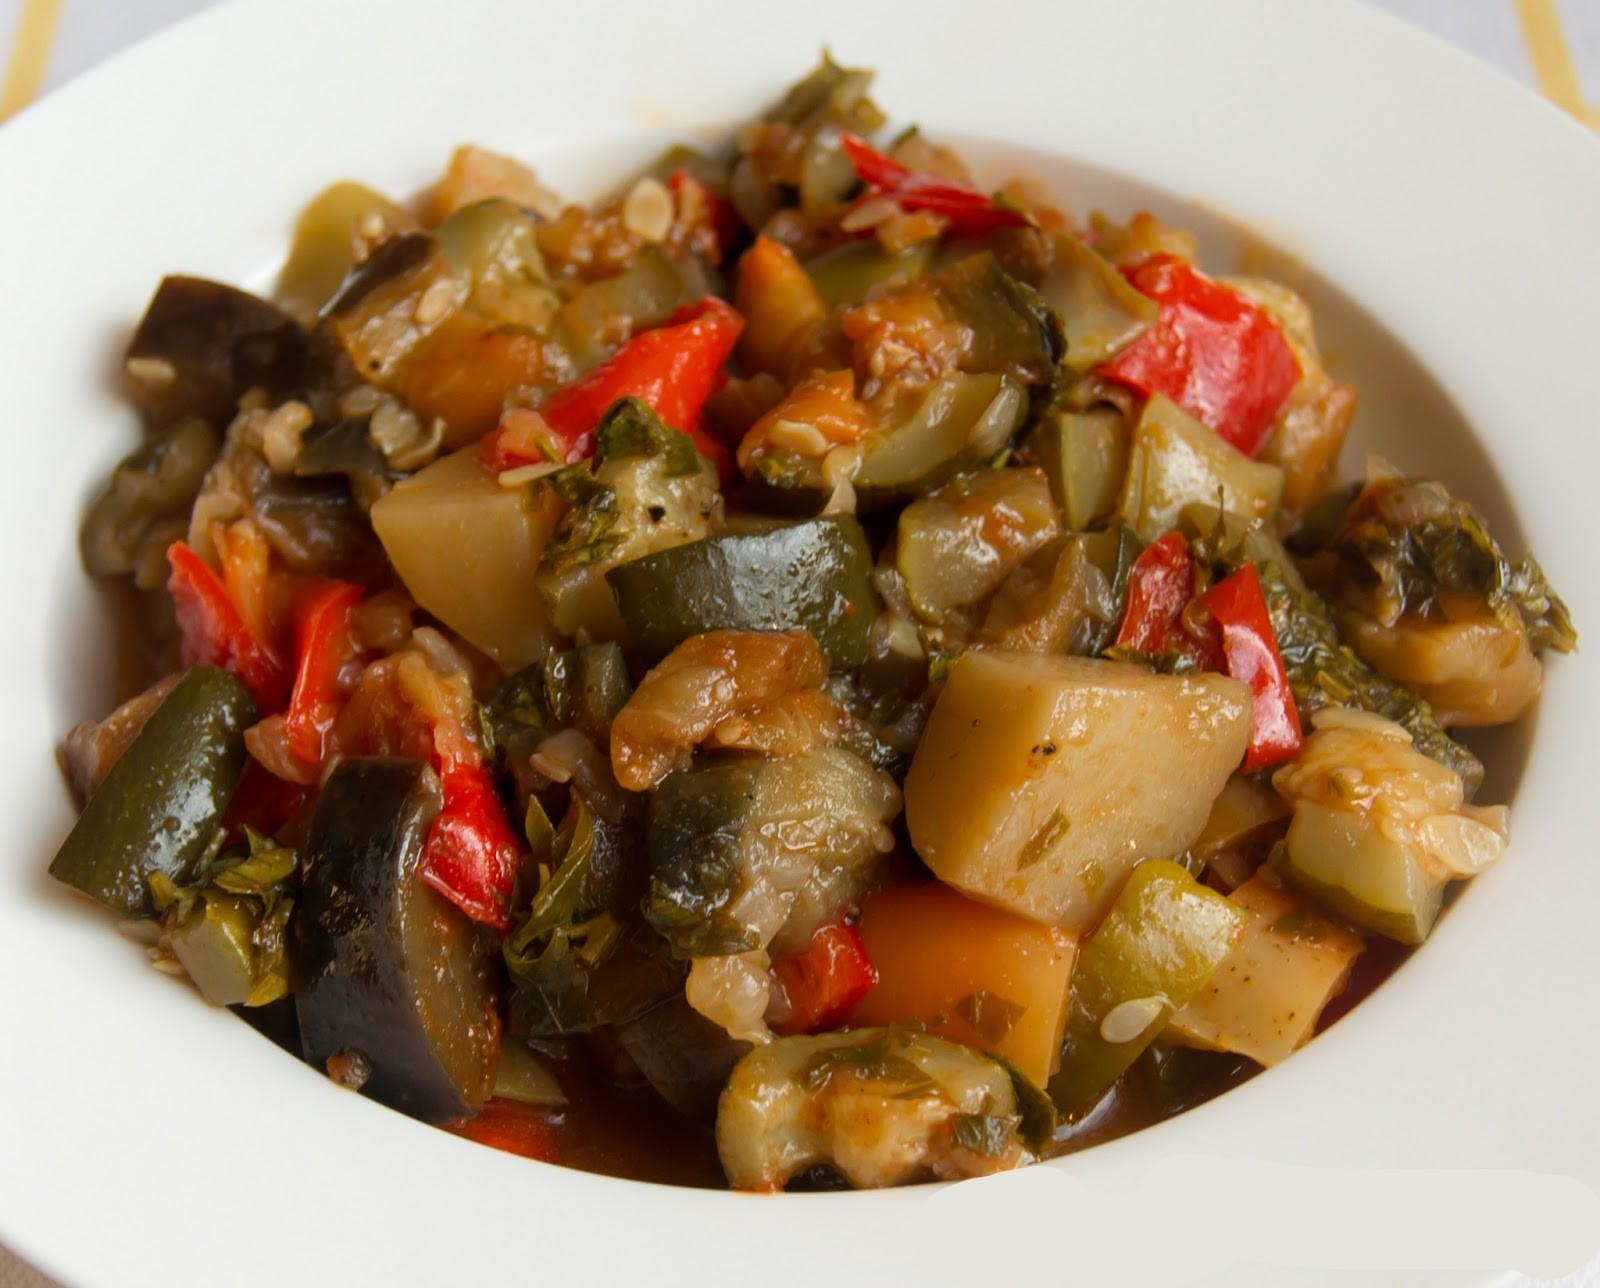 рагу из овощей с картошкой и мясом в мультиварке